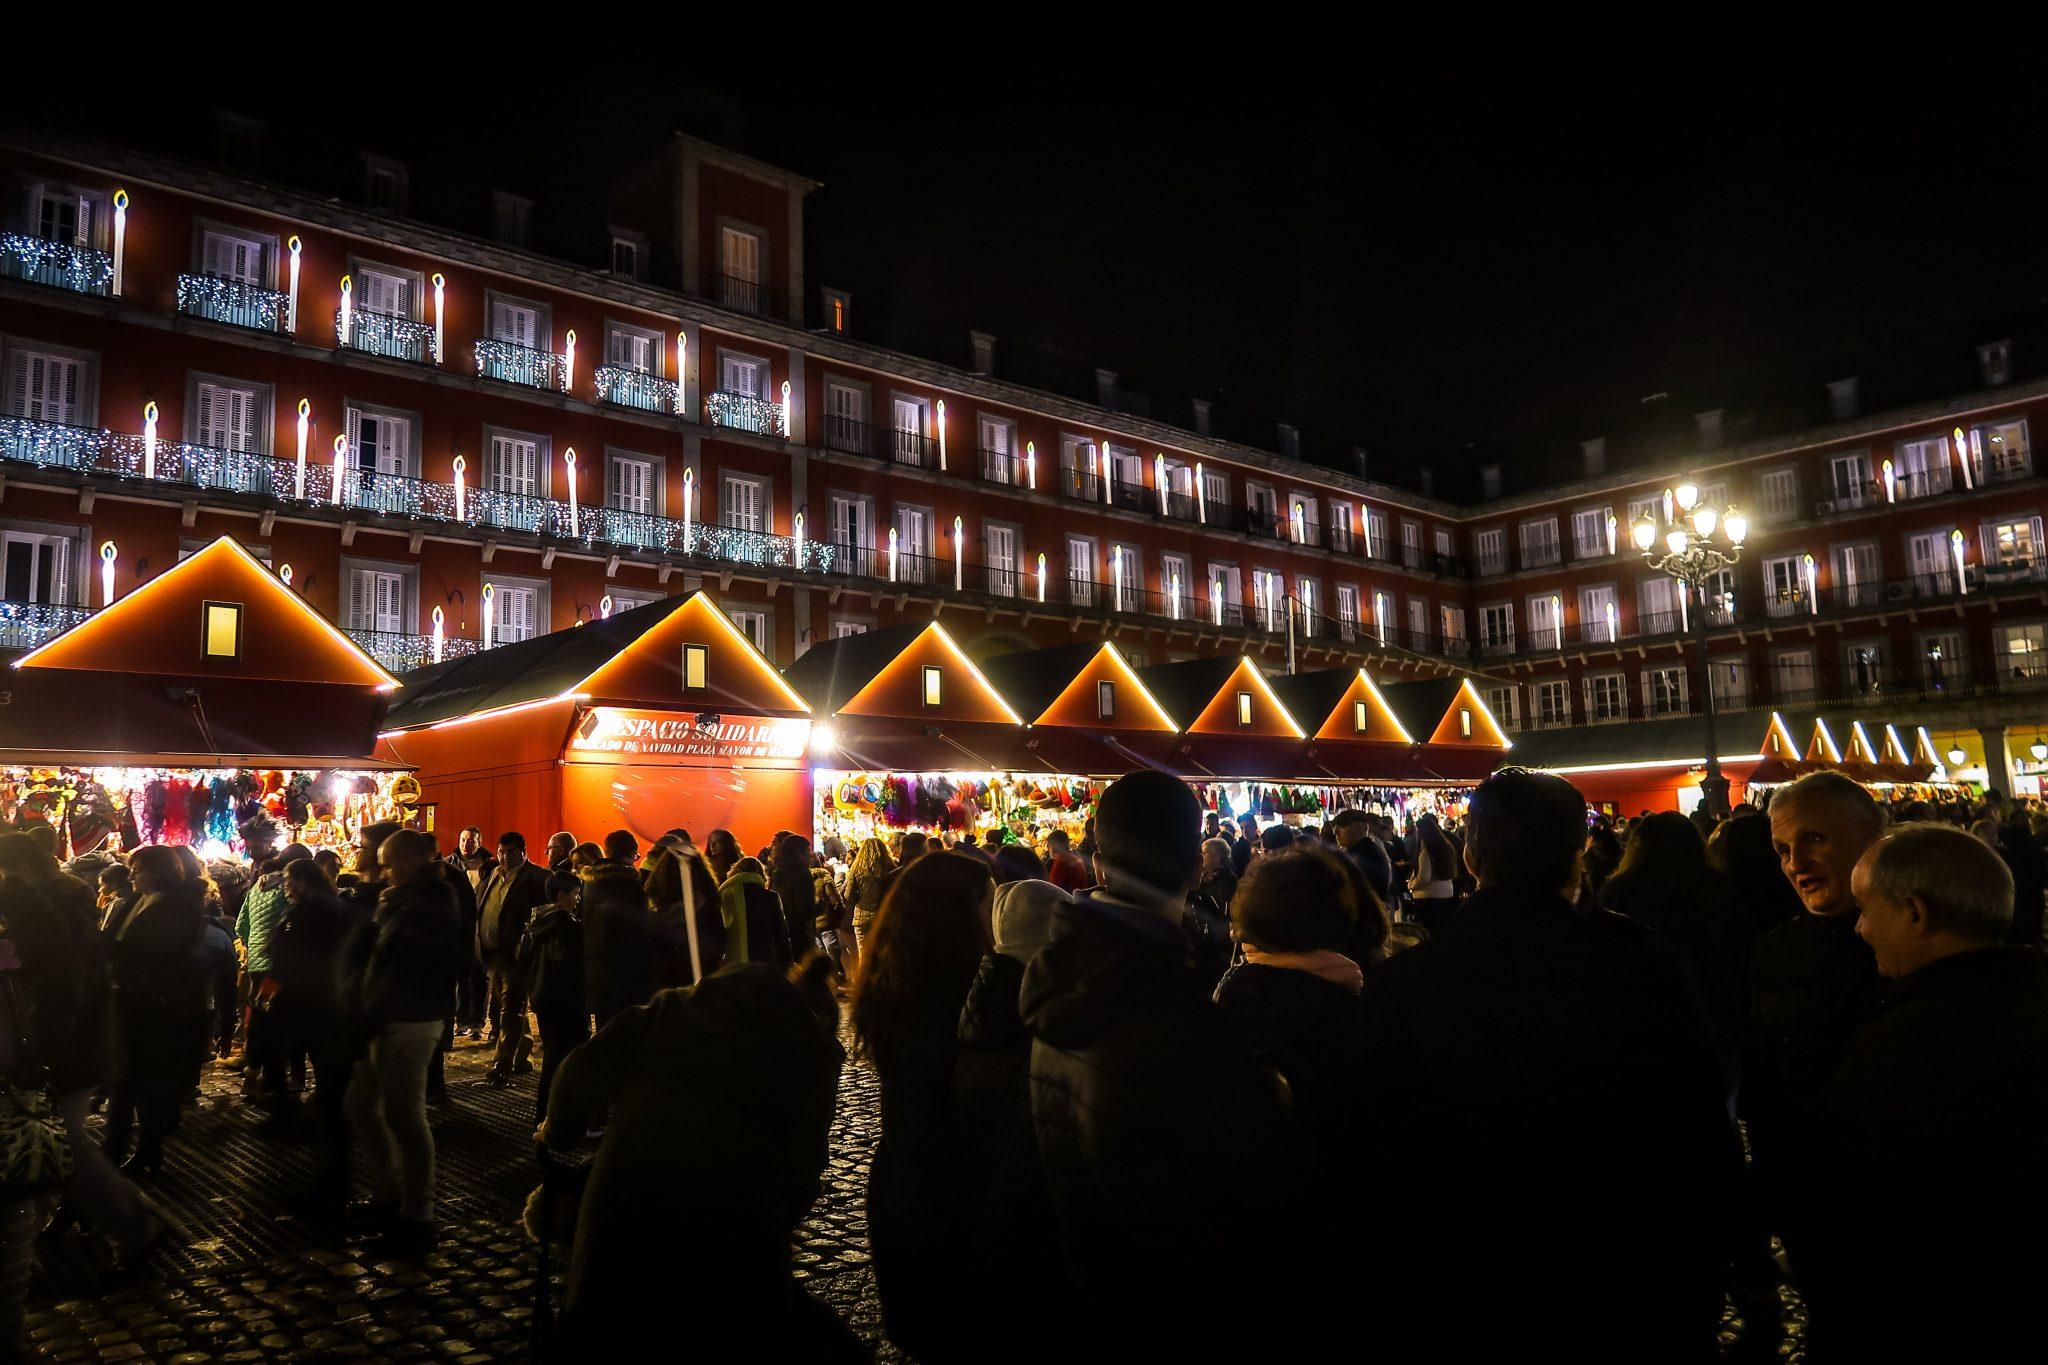 Der Plaza Major ist sowieso ein sehr beliebter Platz, jedoch wird dieser zur Weihnachtszeit noch beliebter, denn dort befindet sich der Weihnachtsmarkt.